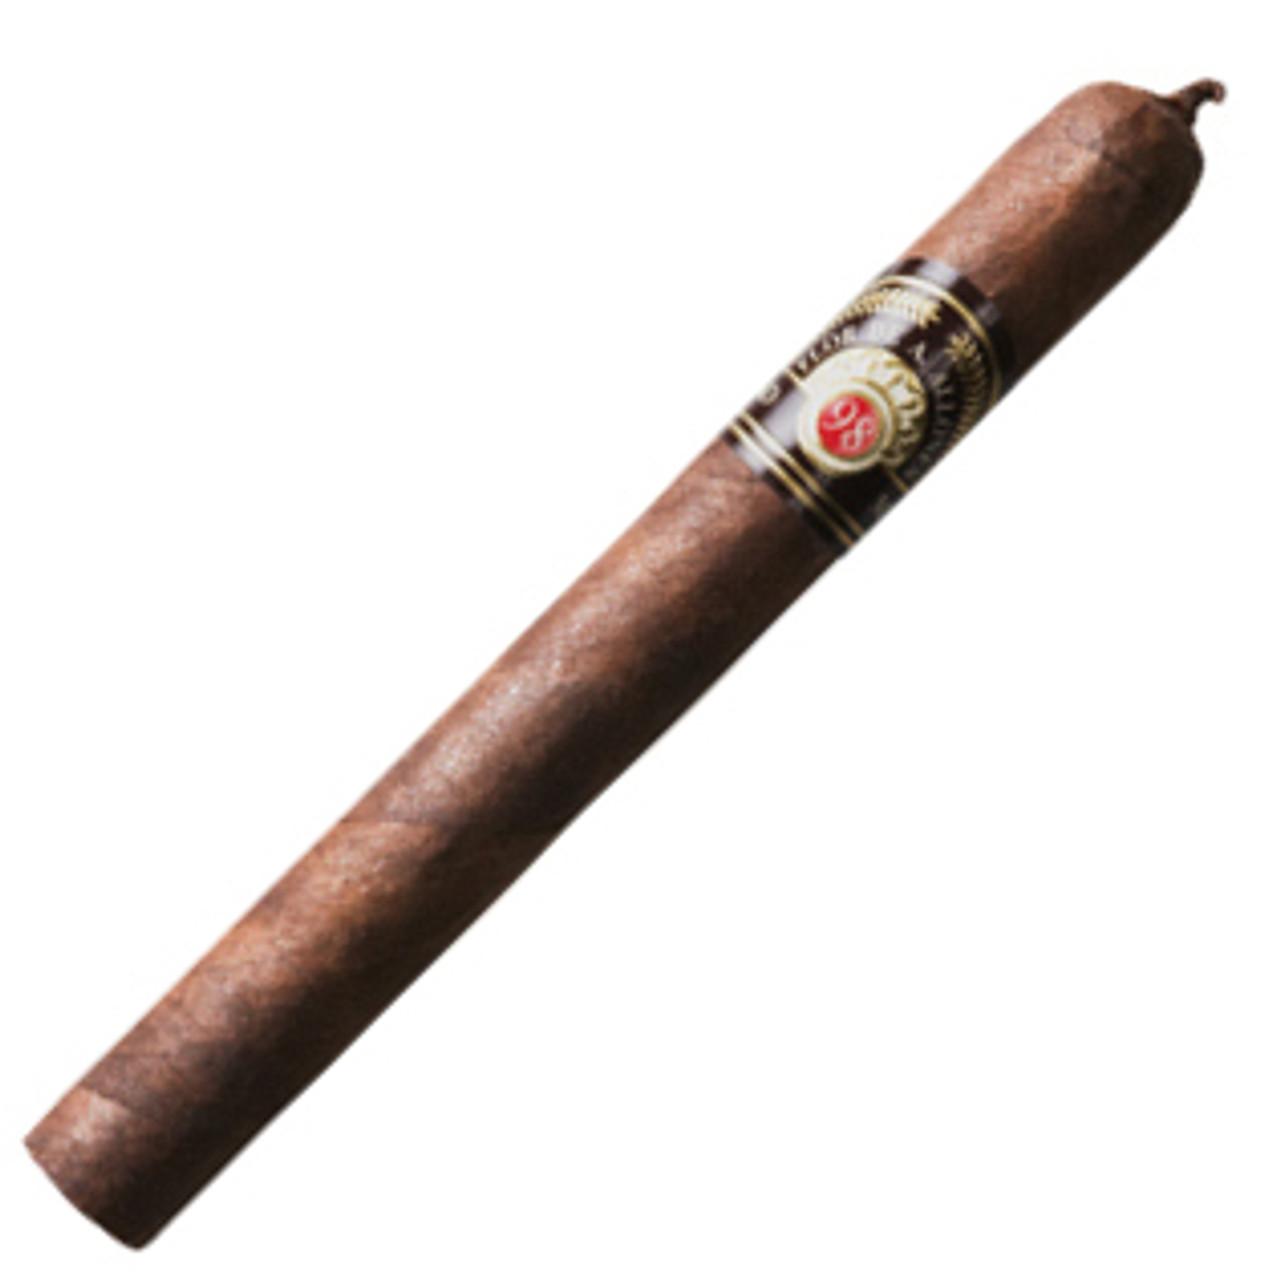 Flor de A. Allones Especiales No. 5 Cigars - 5.25 x 38 (Box of 25)